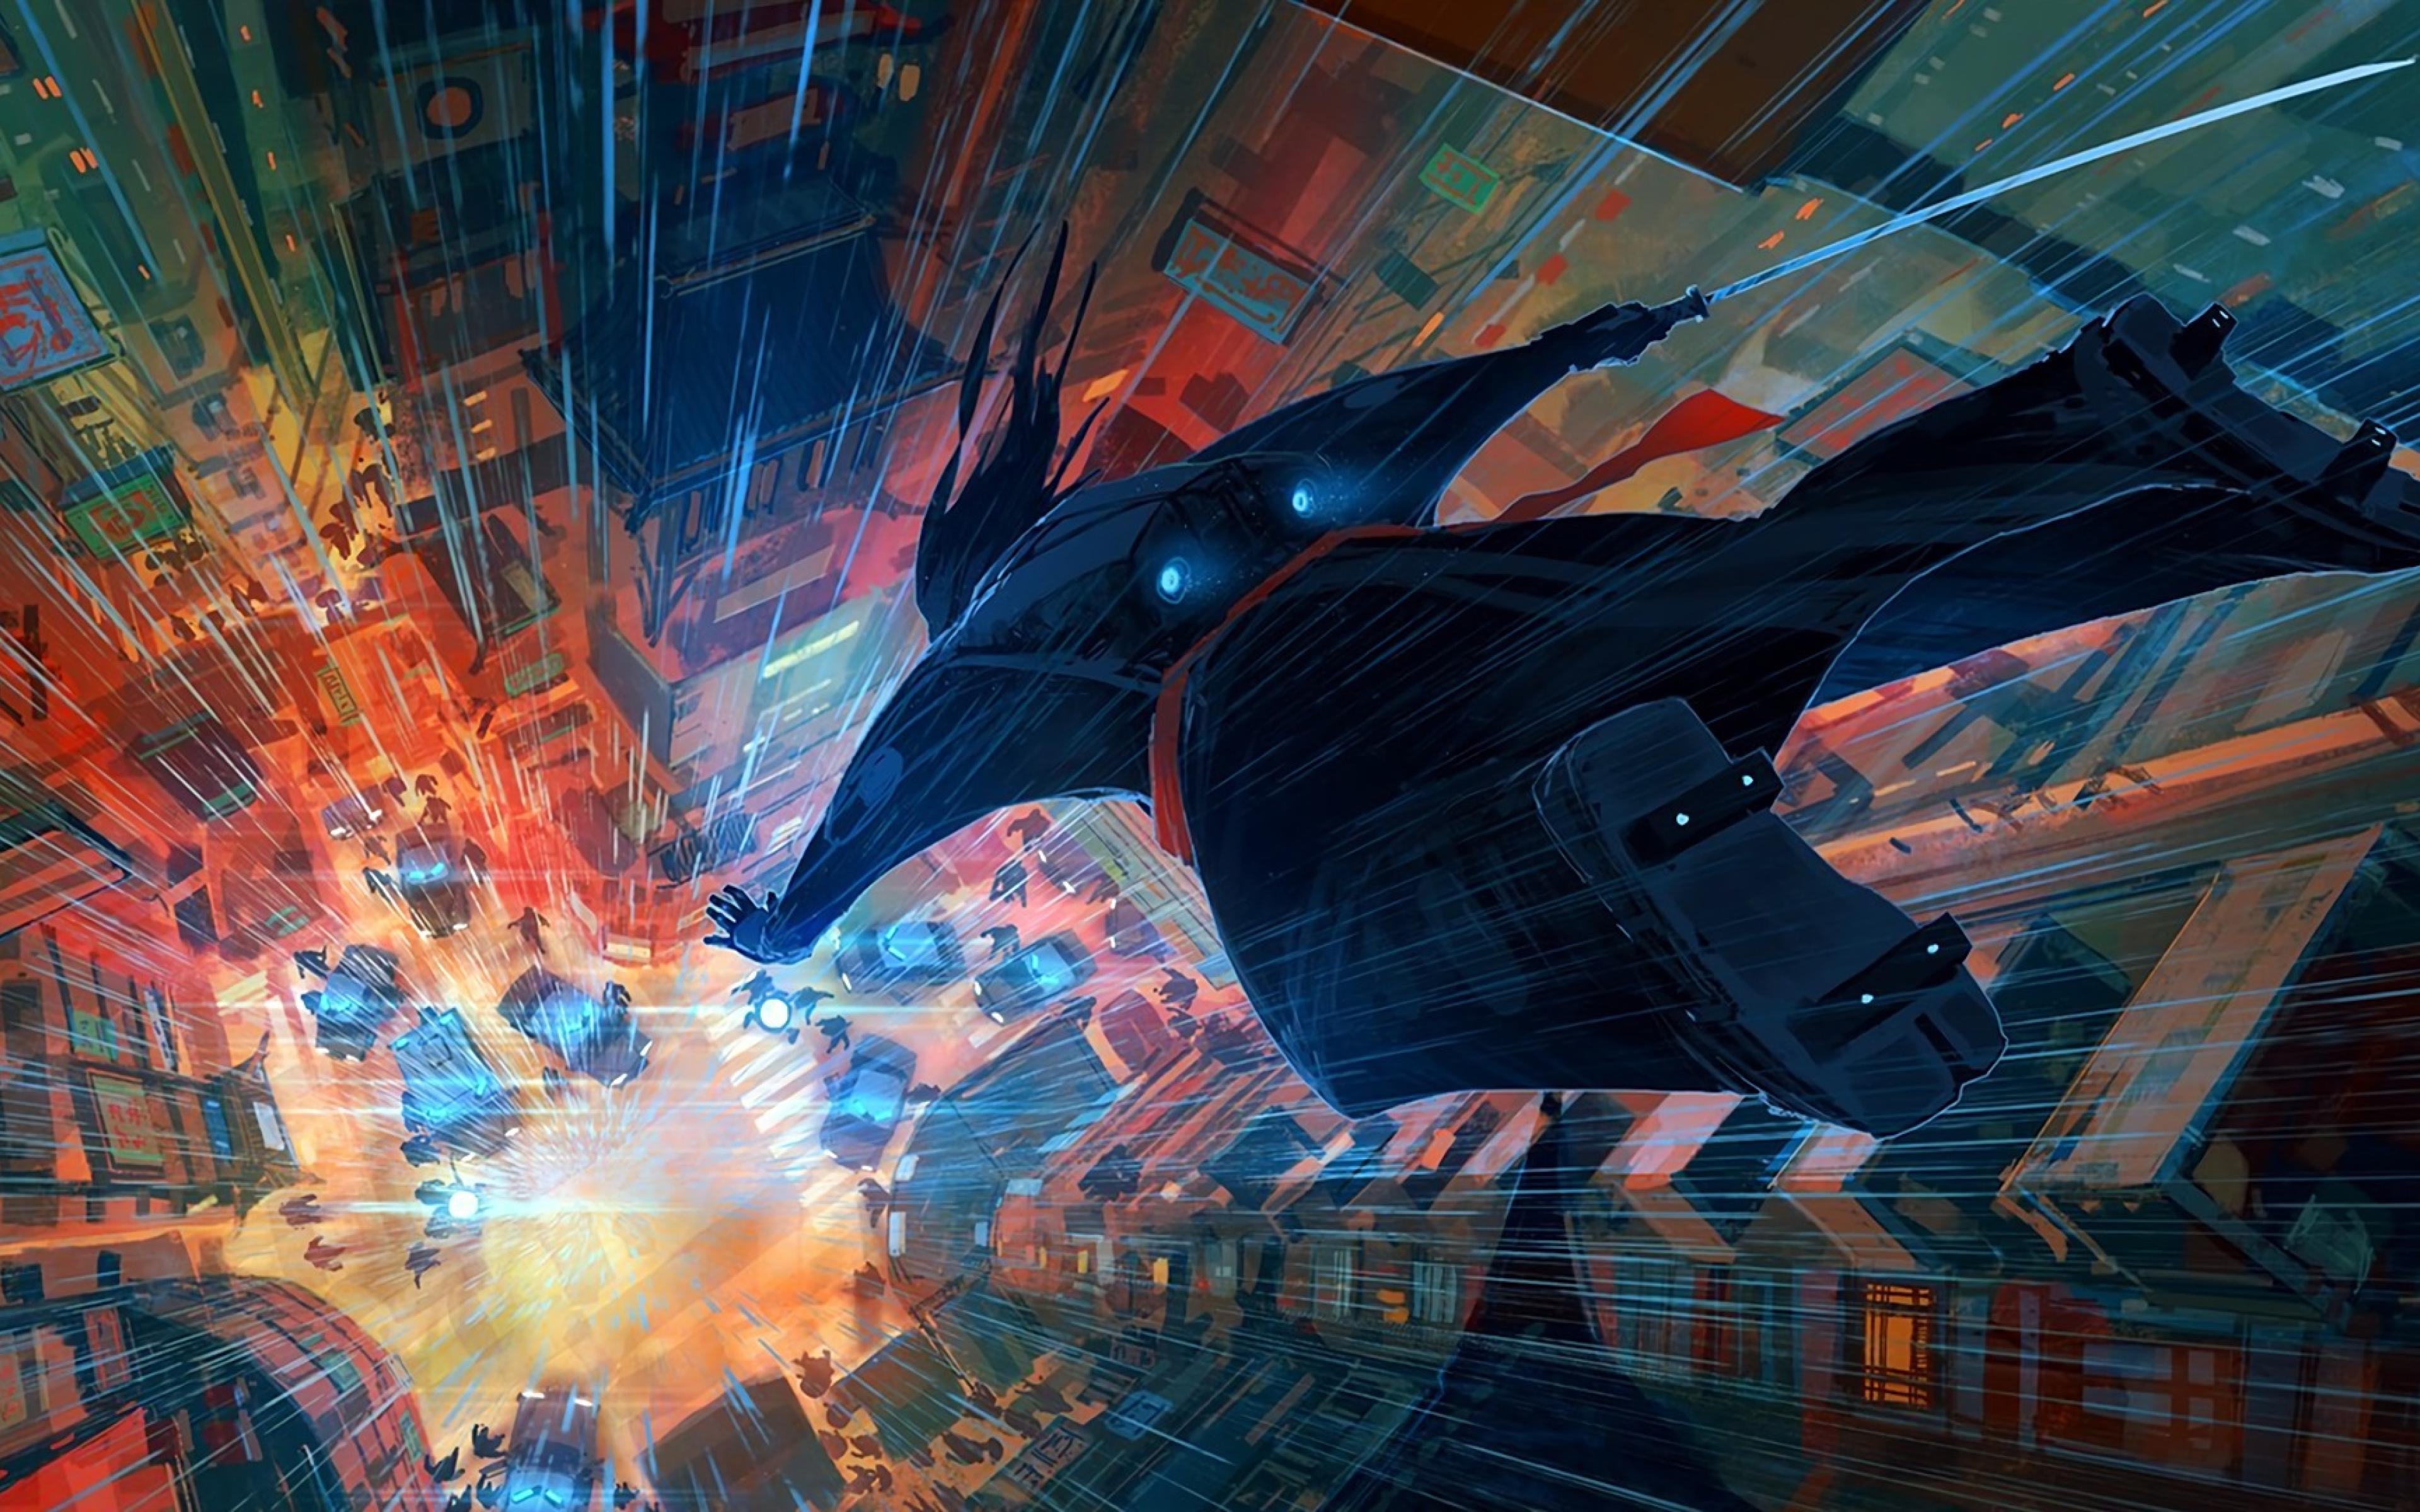 Samurai Jack Video Game, Full HD Wallpaper